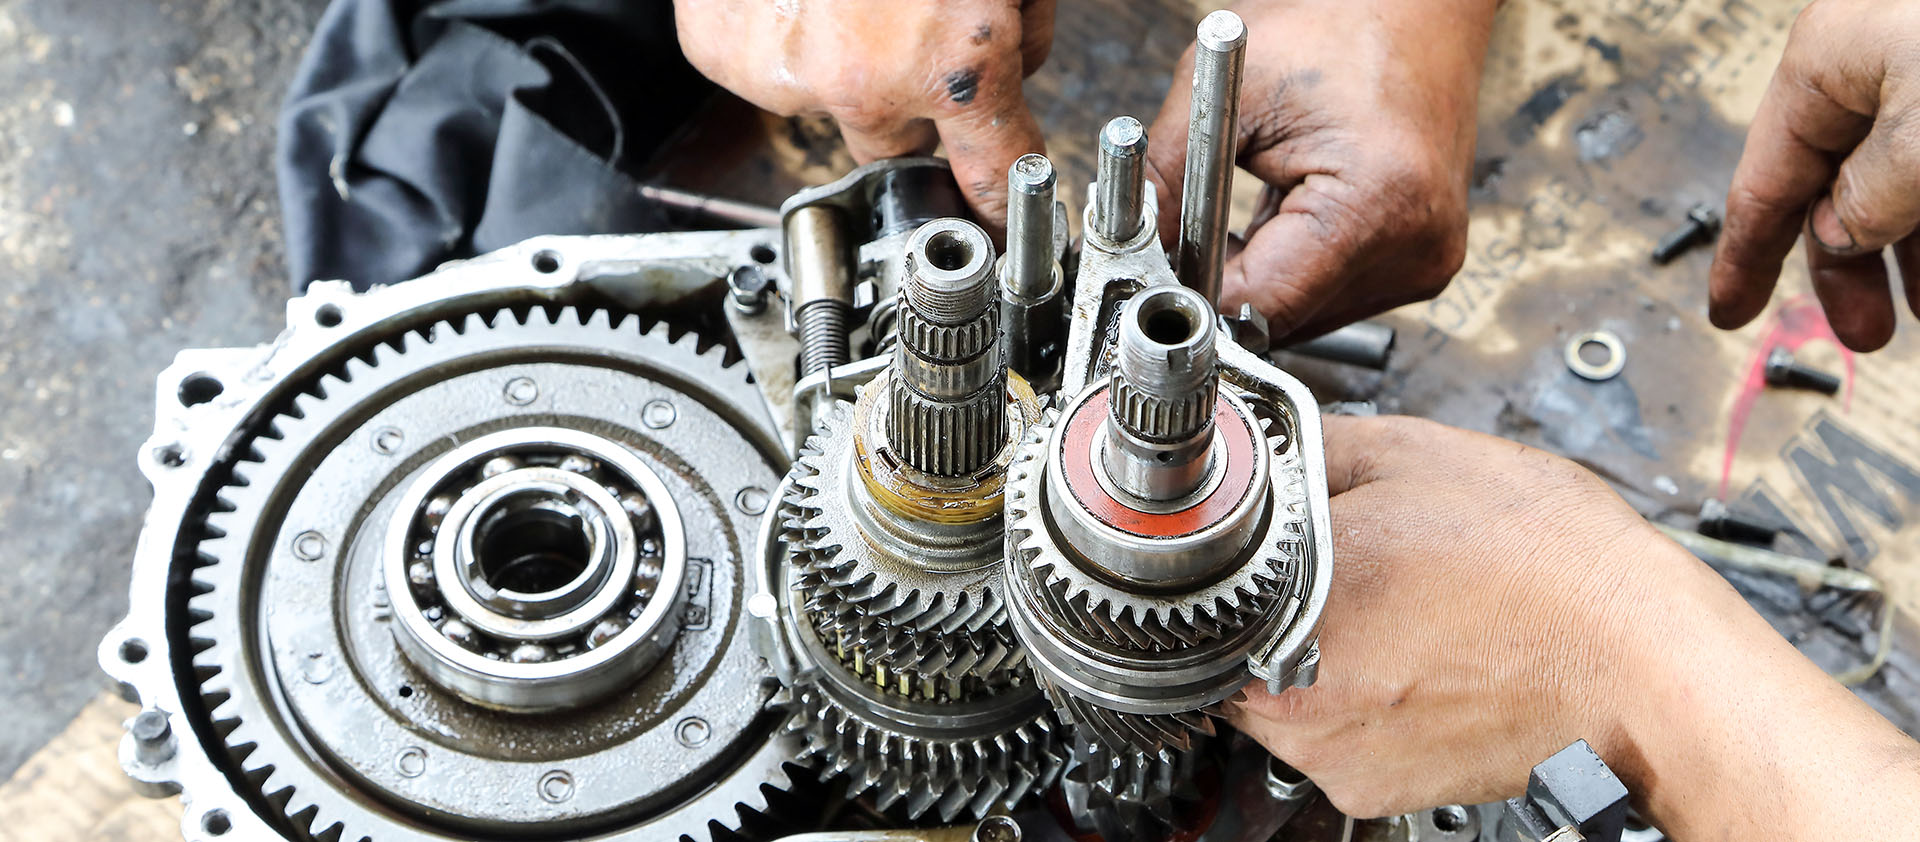 autojen-ja-traktoreiden-korjaus-ja-huolto-hsh-urakointi-vilppula